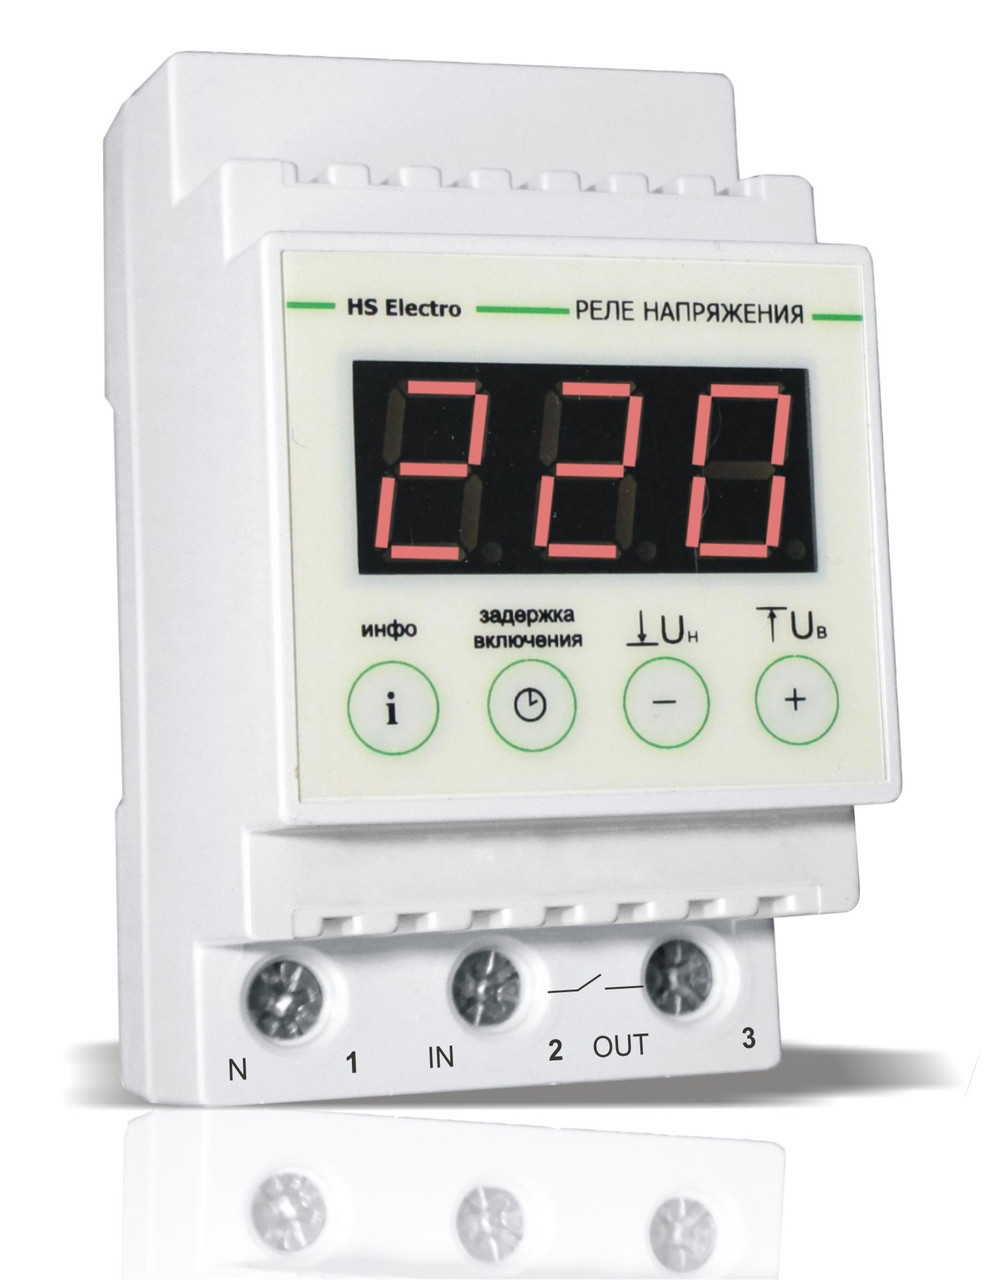 Пристрій контролю напруги УКН-40с дін-рейка Термозахист HS ELECTRO ( ГАРАНТІЯ 5 РОКІВ)